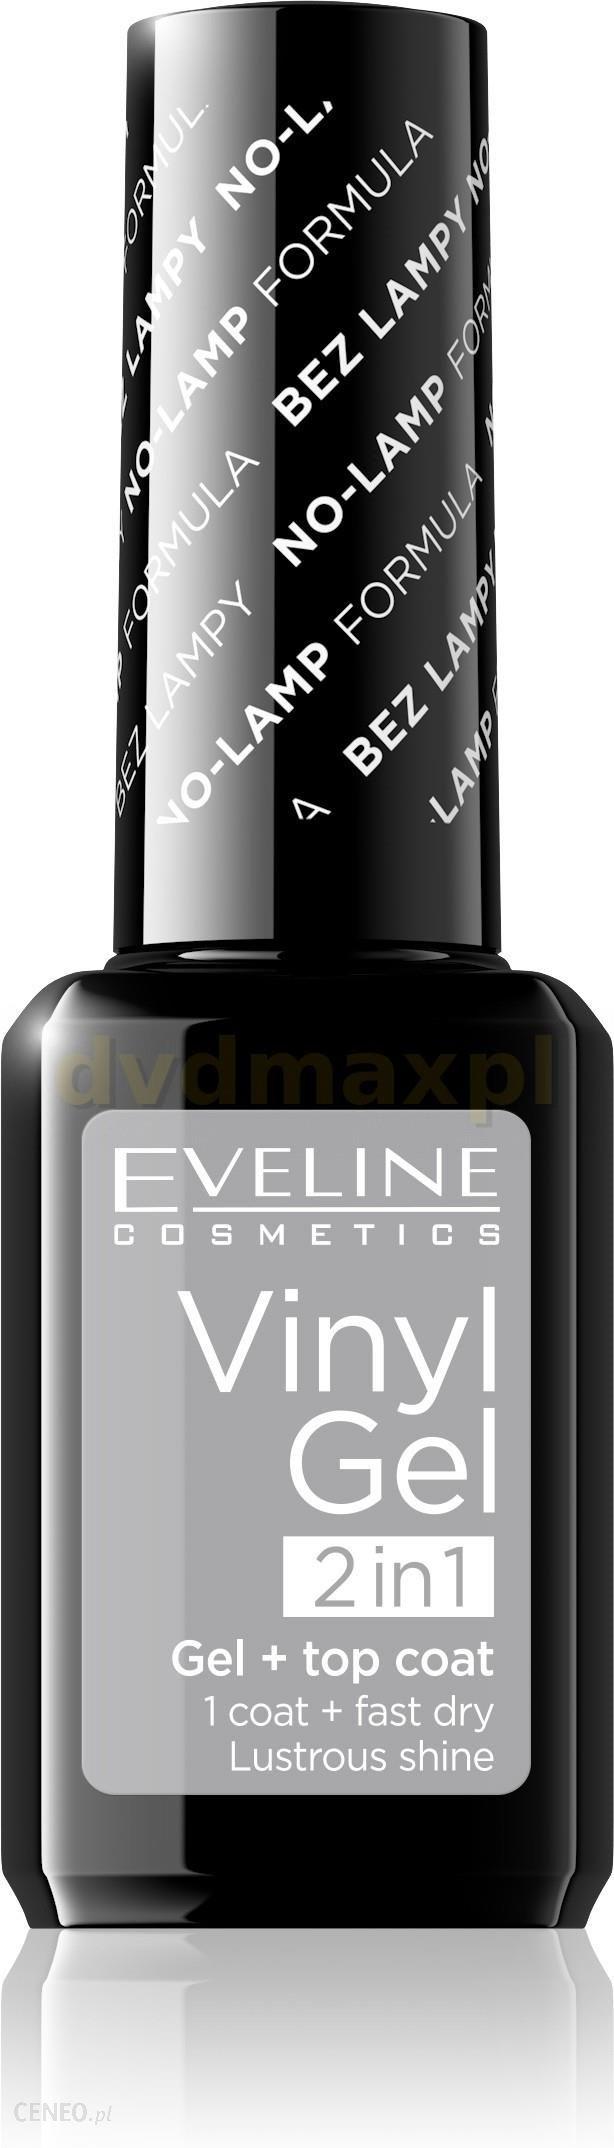 Eveline Vinyl Gel 2 In 1 12ml Lakier Vinyl Gel Nr 201 Opinie I Ceny Na Ceneo Pl